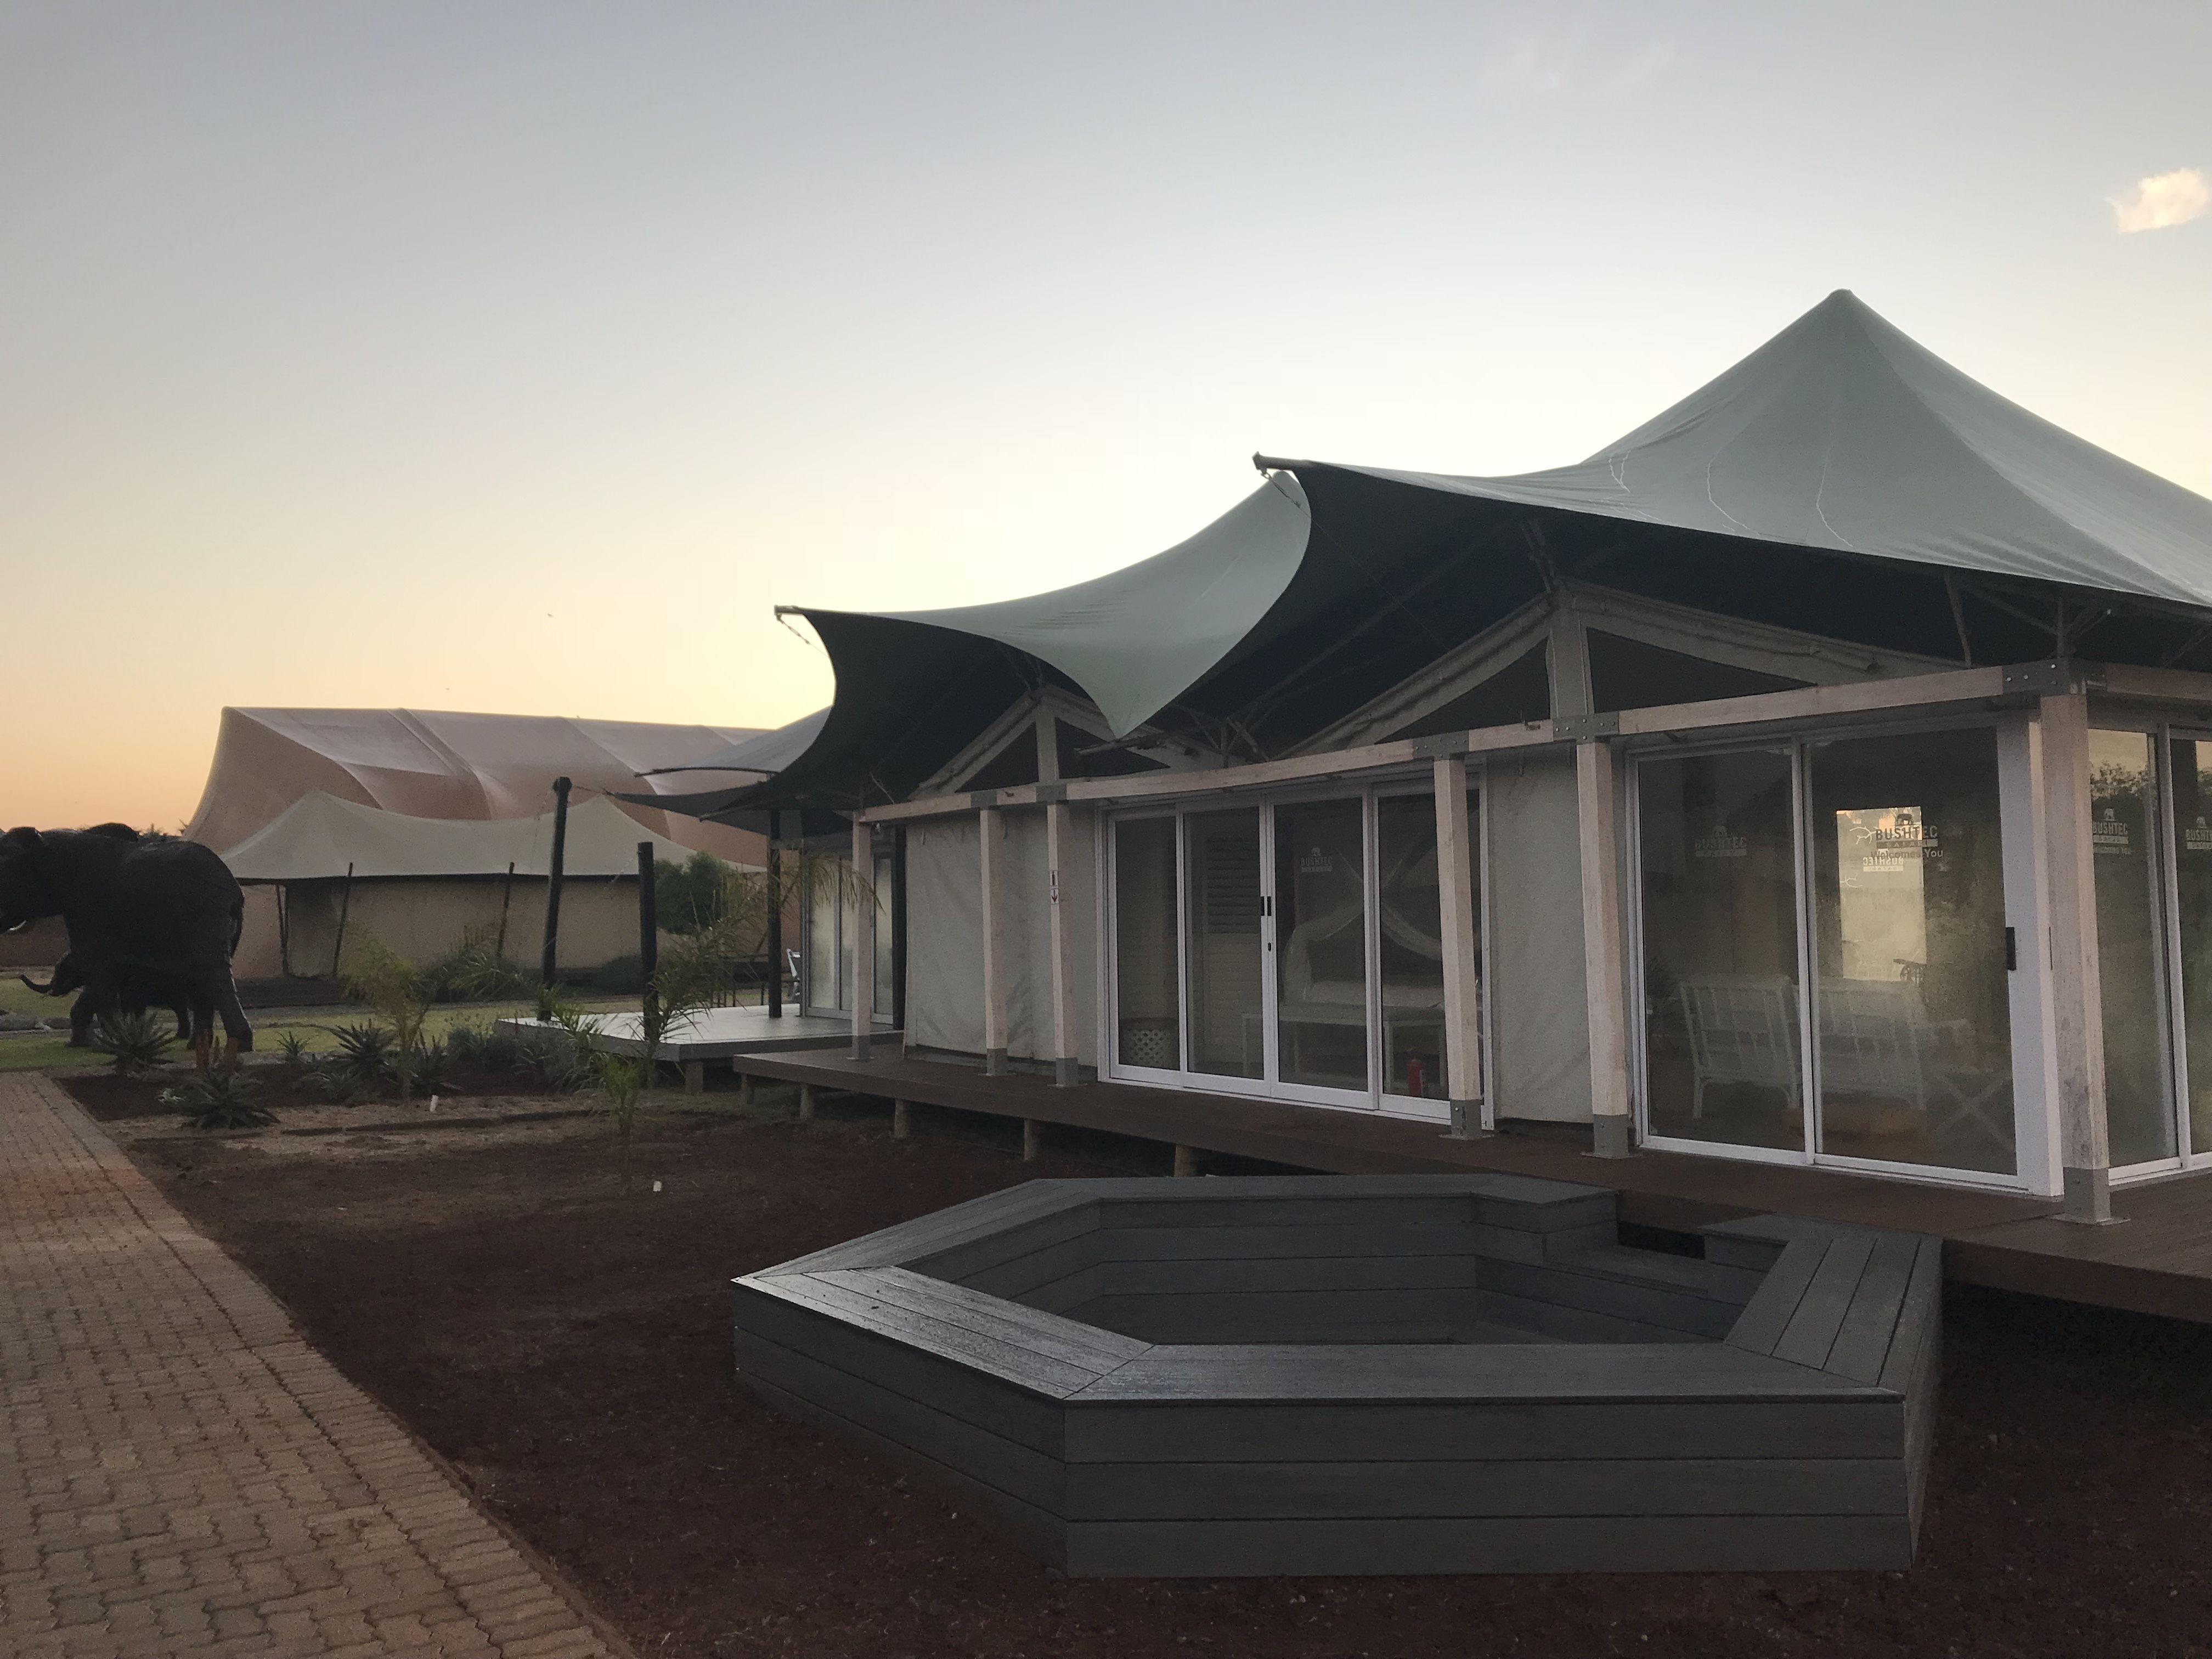 Bushtec Safari tent, Luxury safari, Outdoor structures